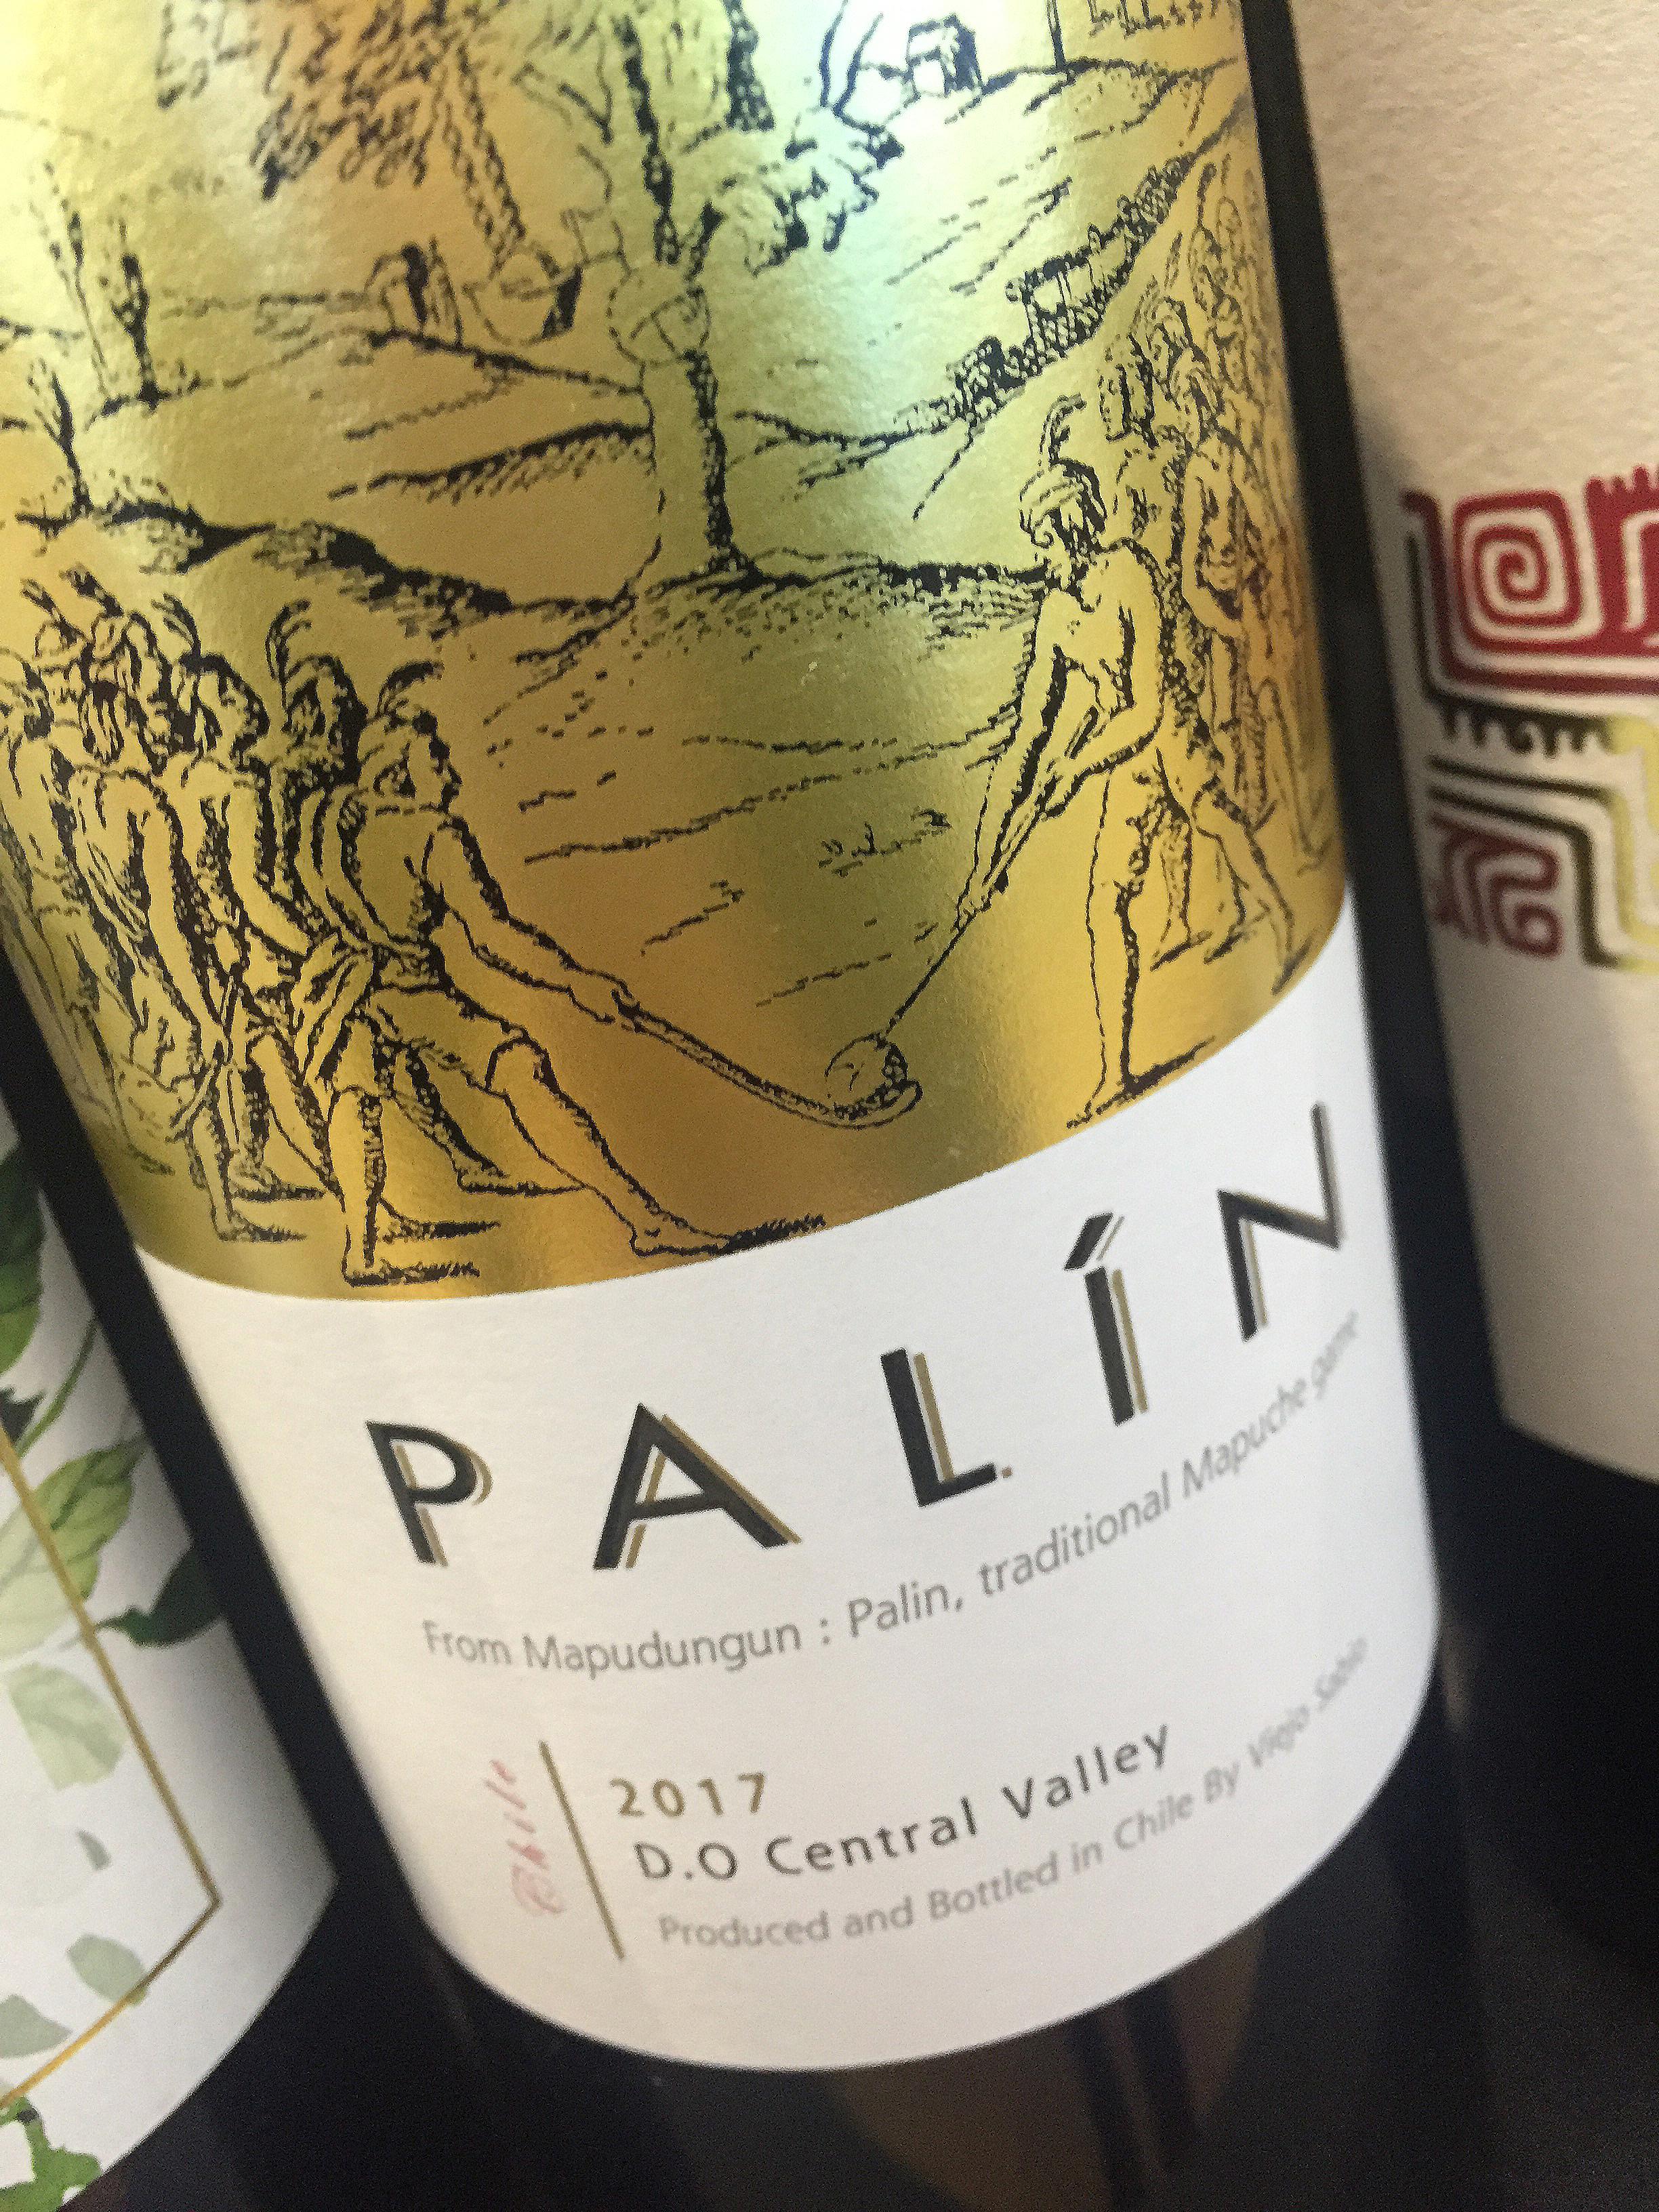 Palín